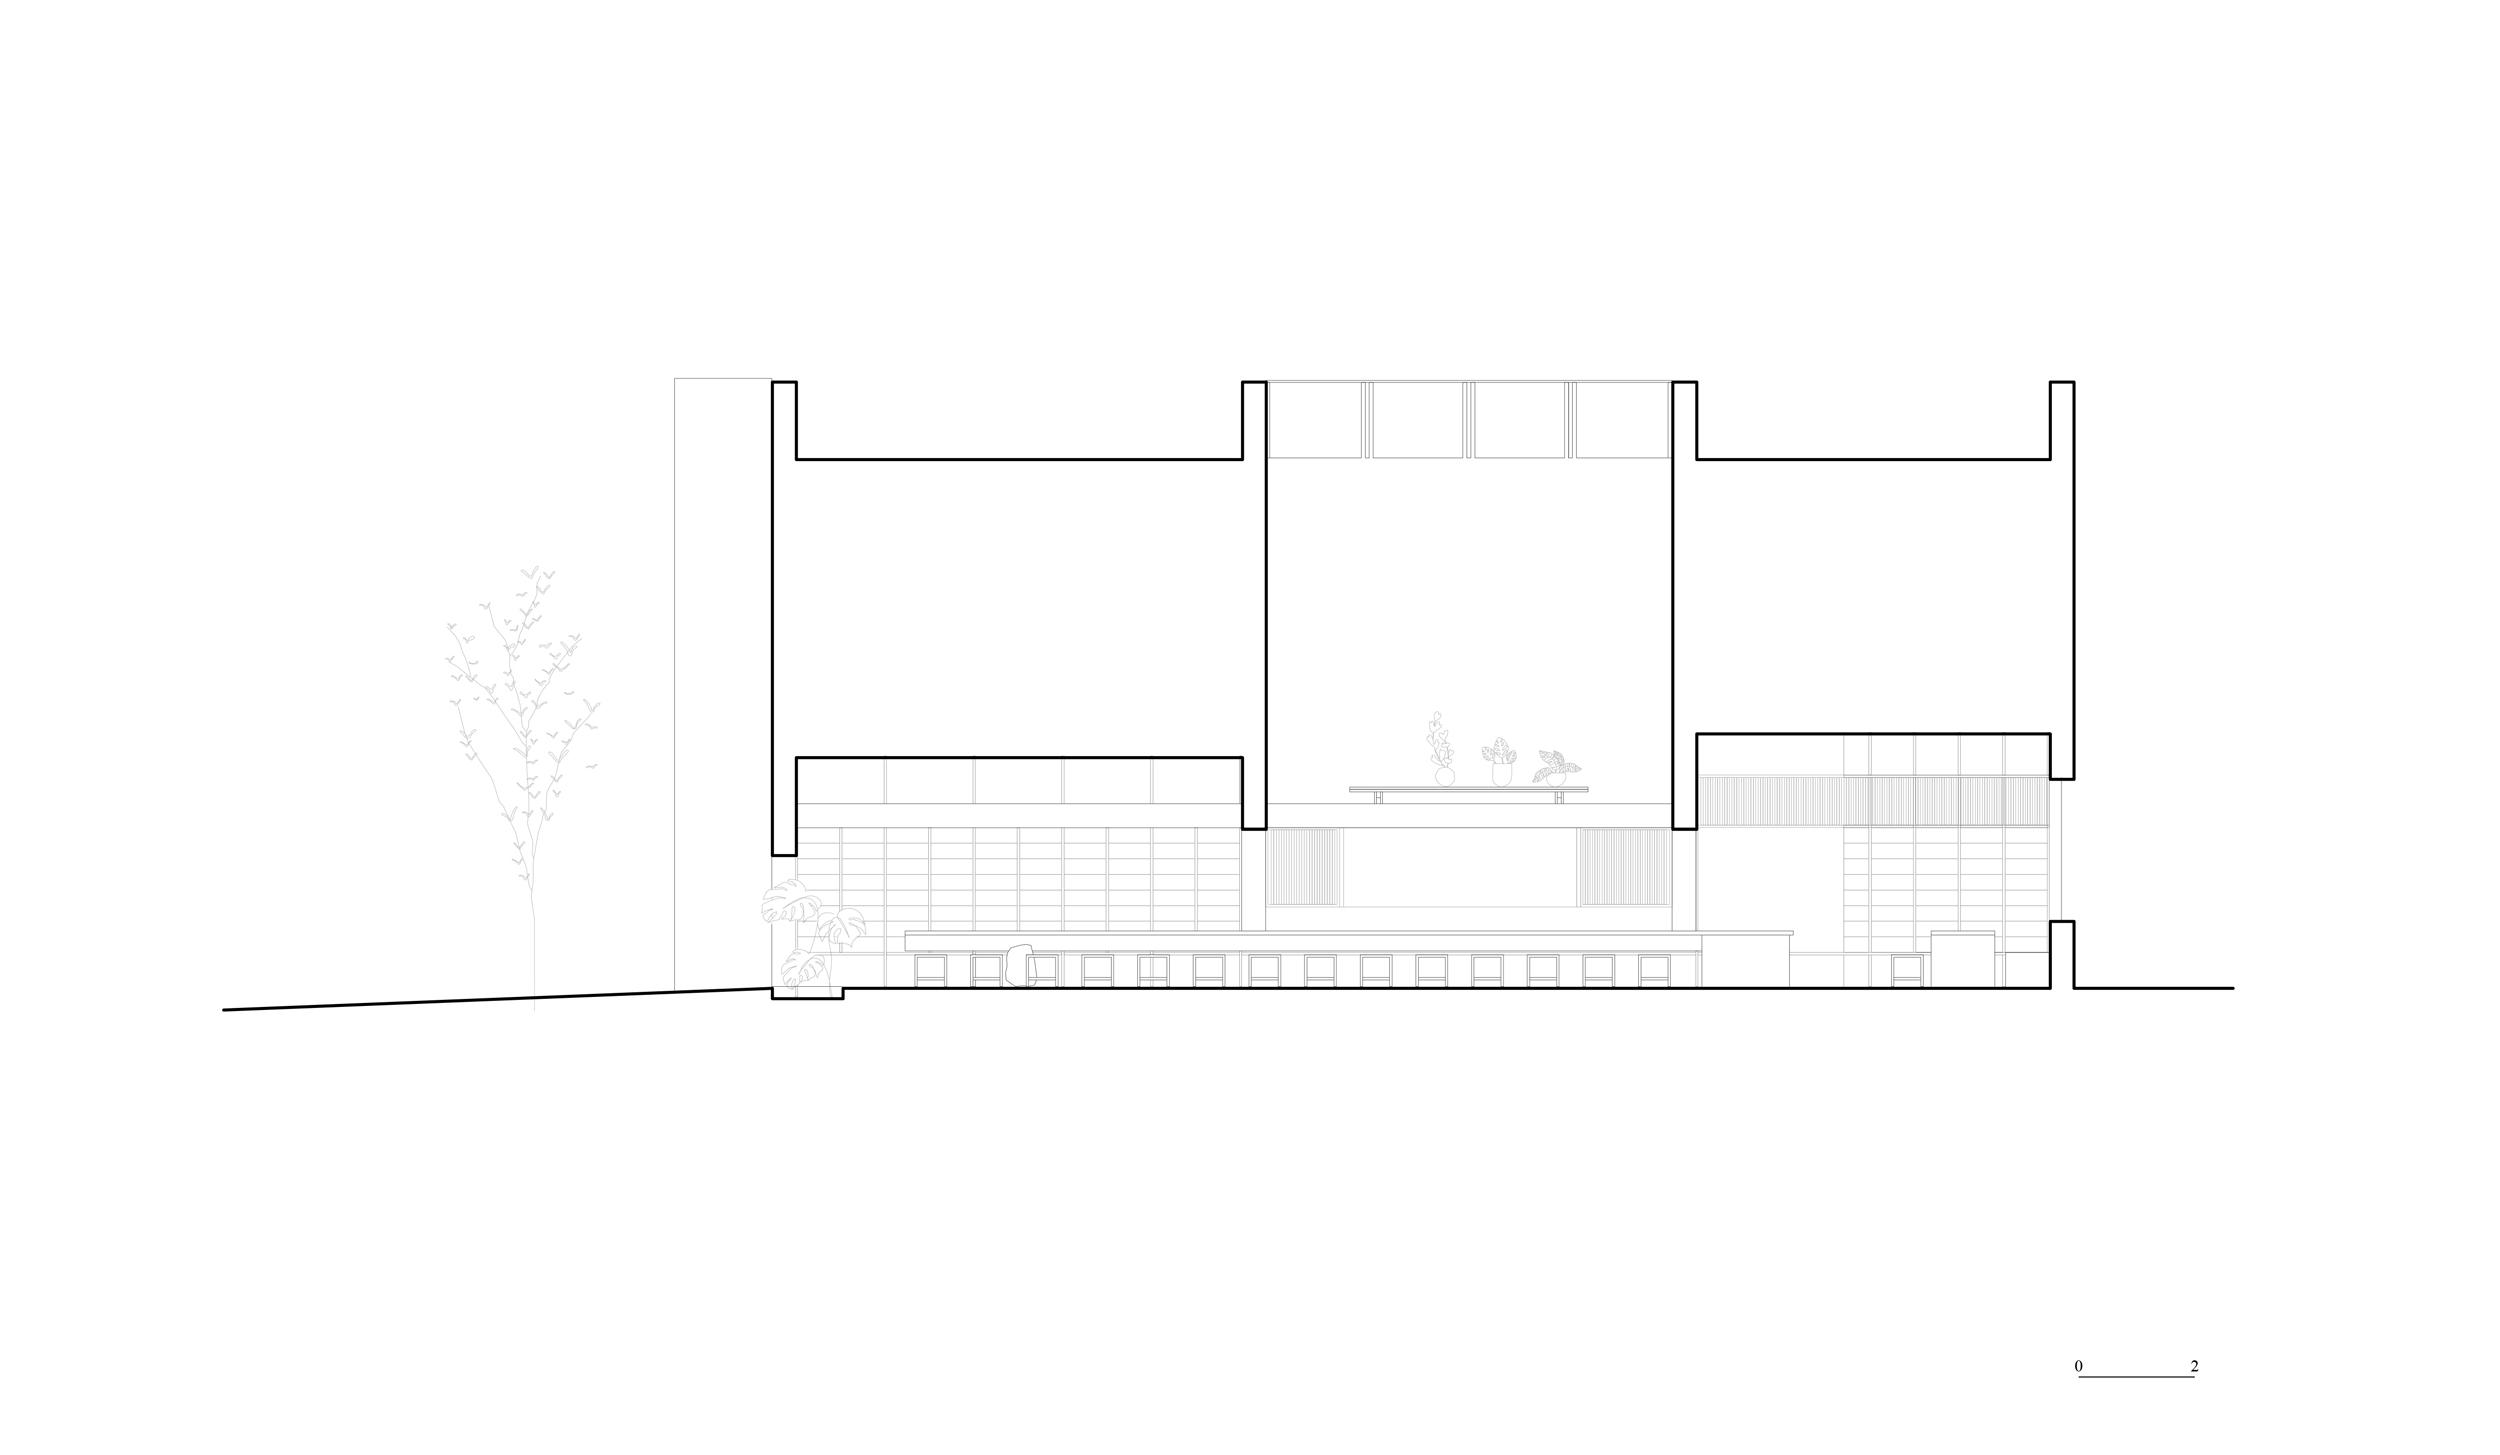 hato-restaurant-section-04.jpg